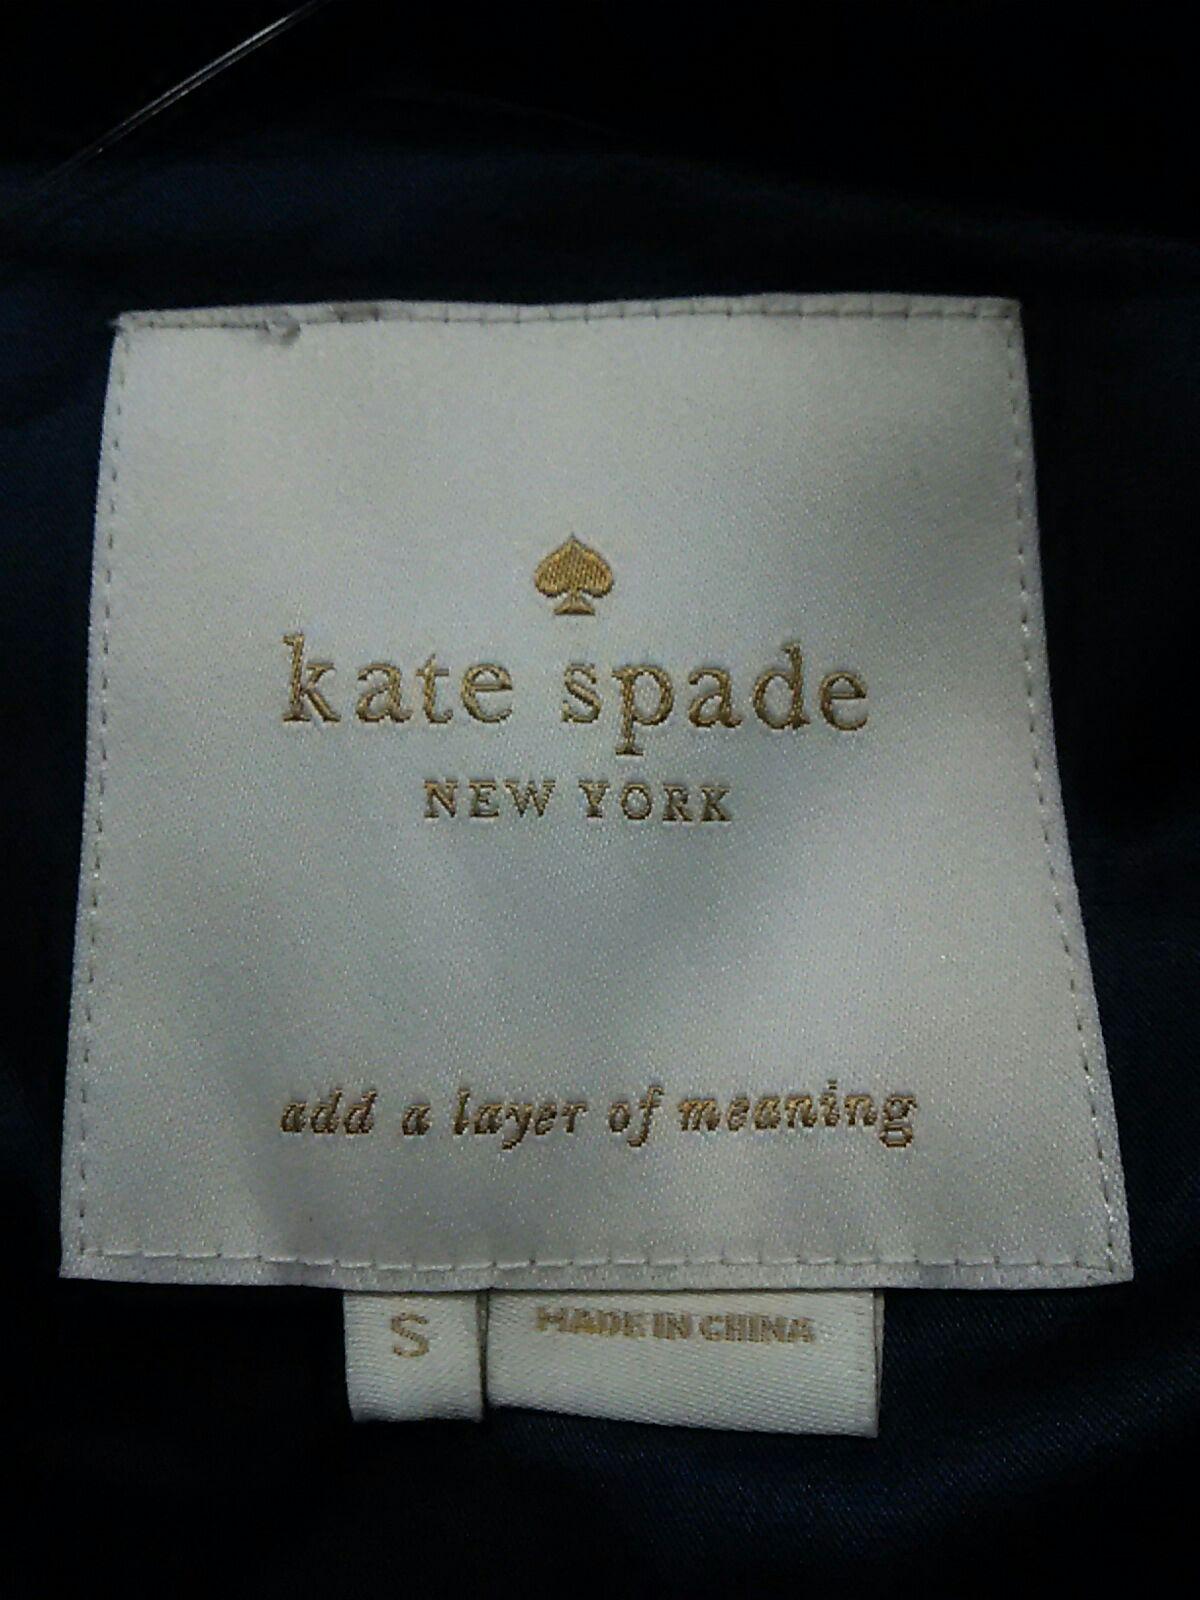 Kate spade(ケイトスペード)のダウンコート